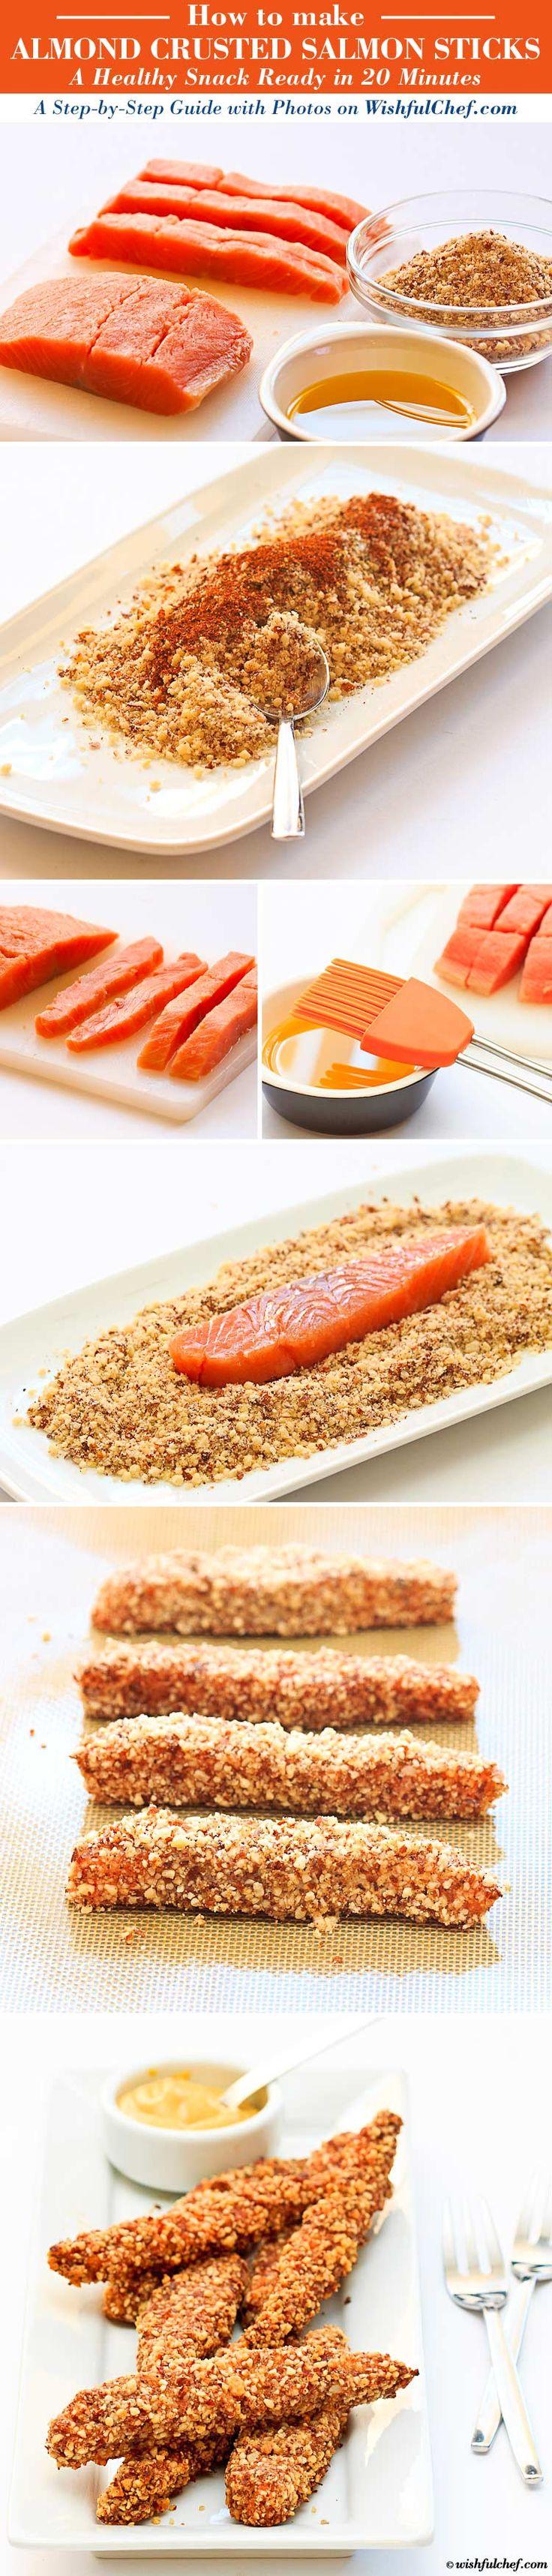 Salmone in crosta di mandorle wishfulchef.com